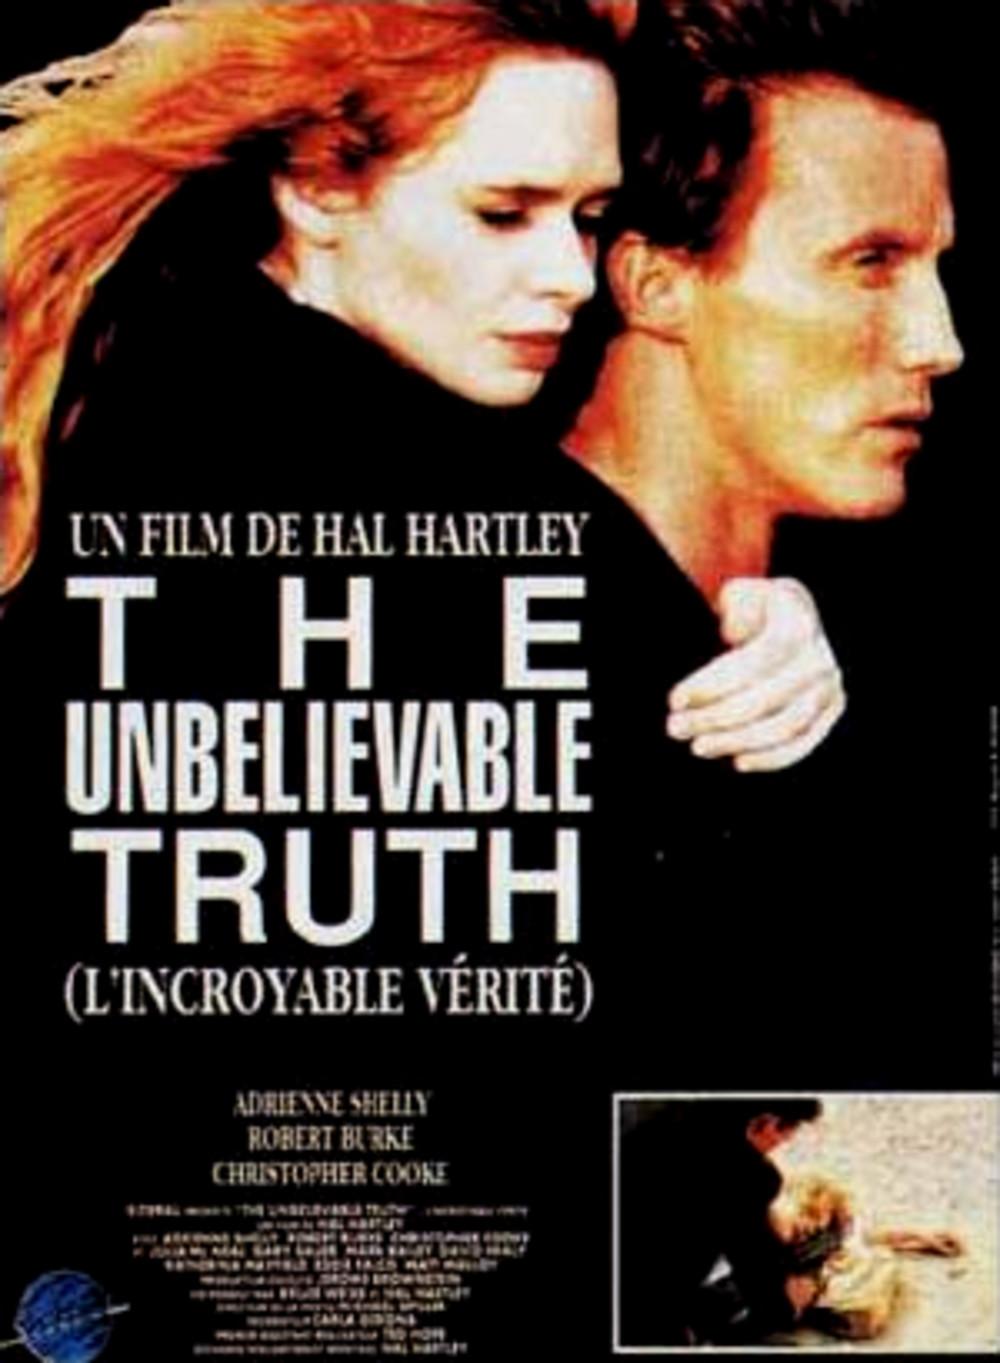 affiche du film L'incroyable vérité